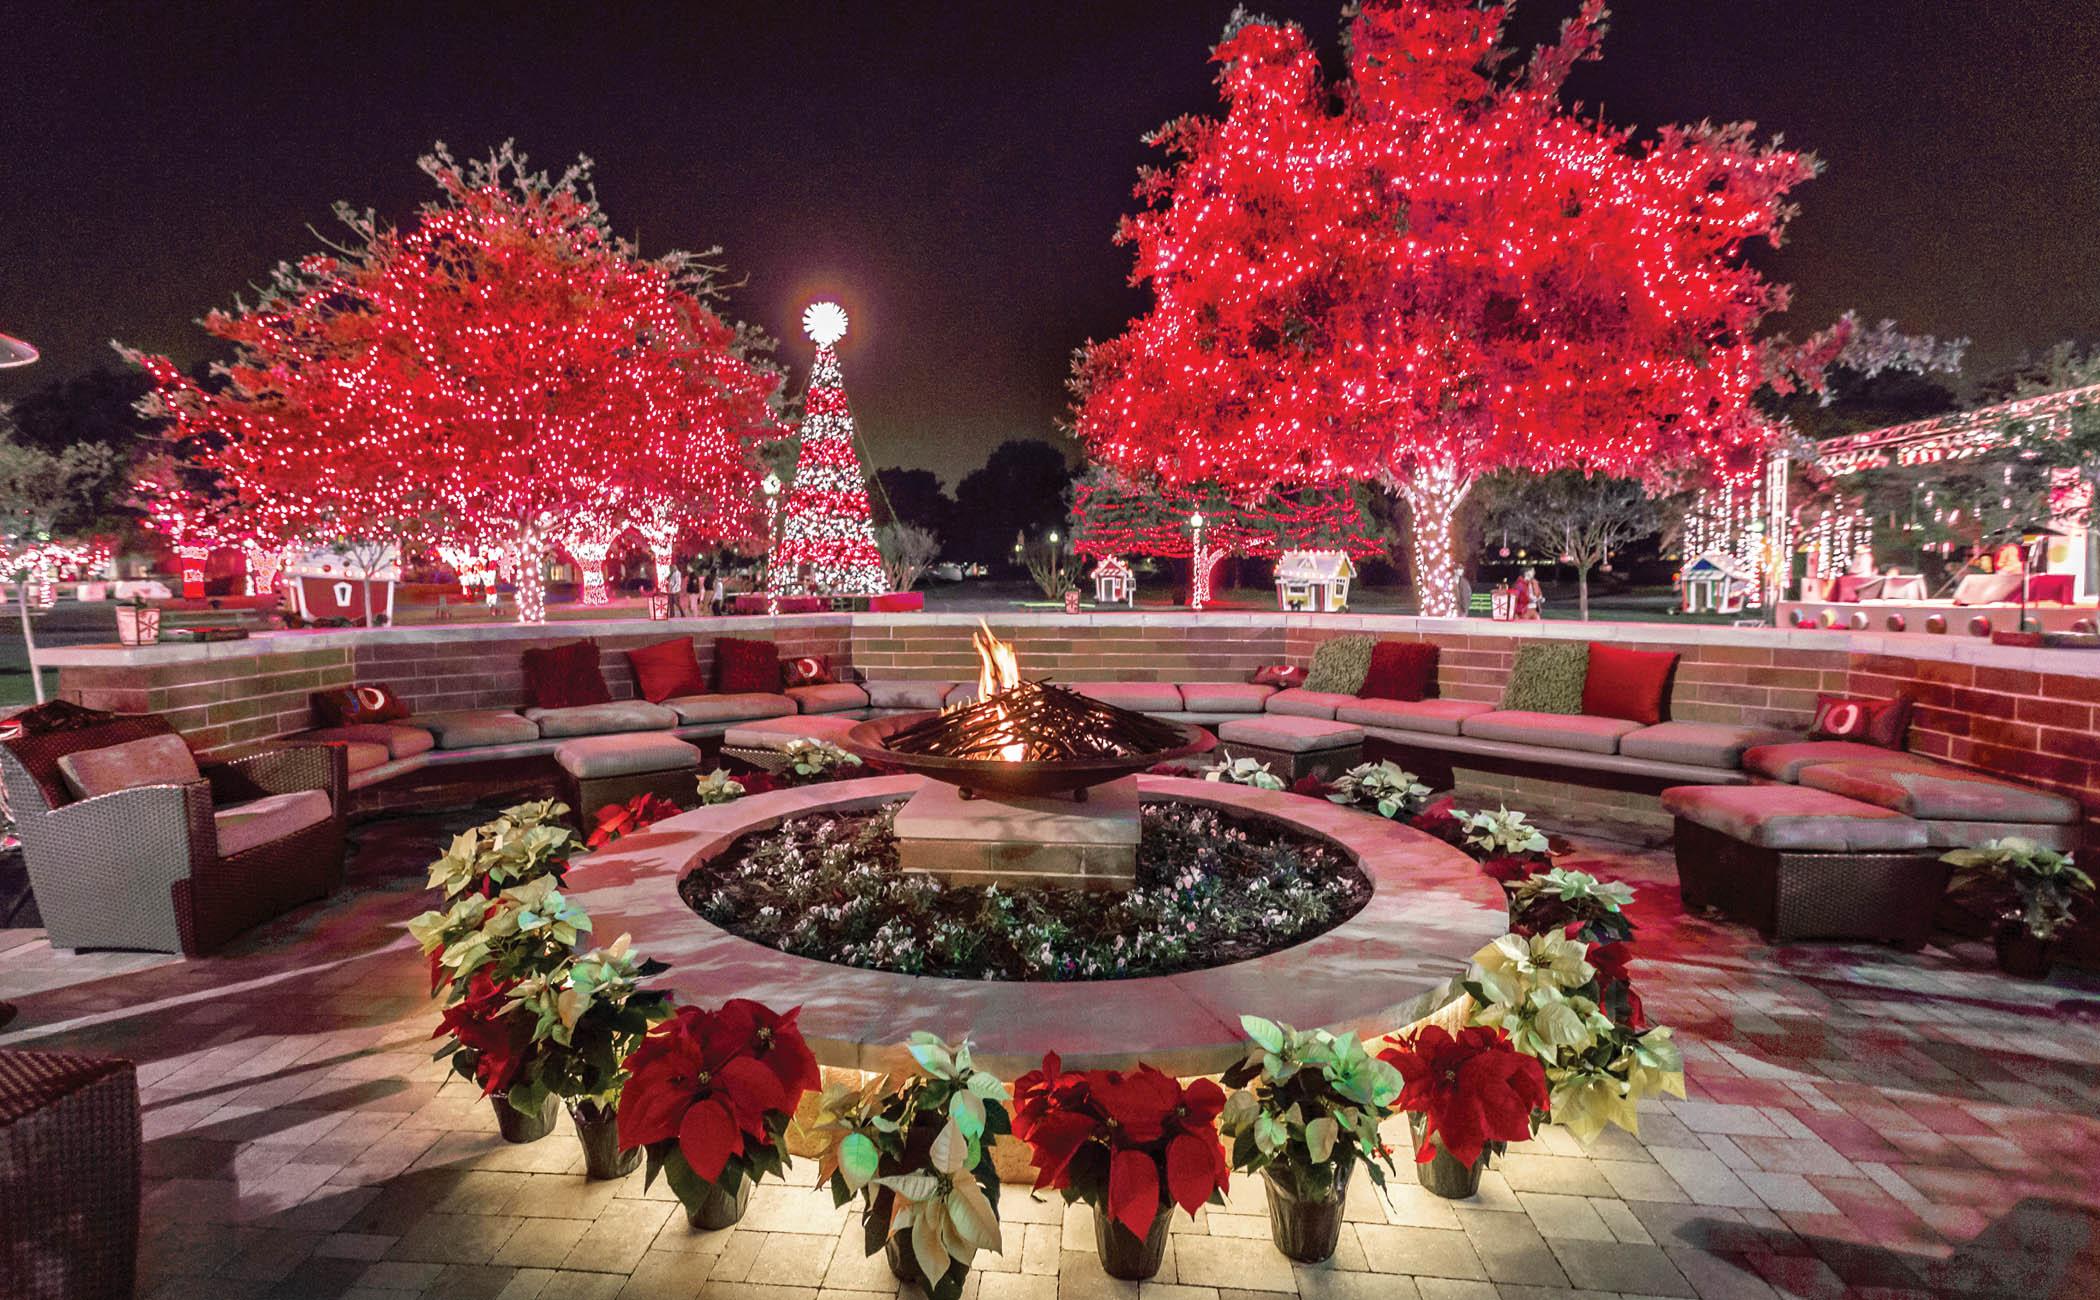 Image result for peppermint park lights